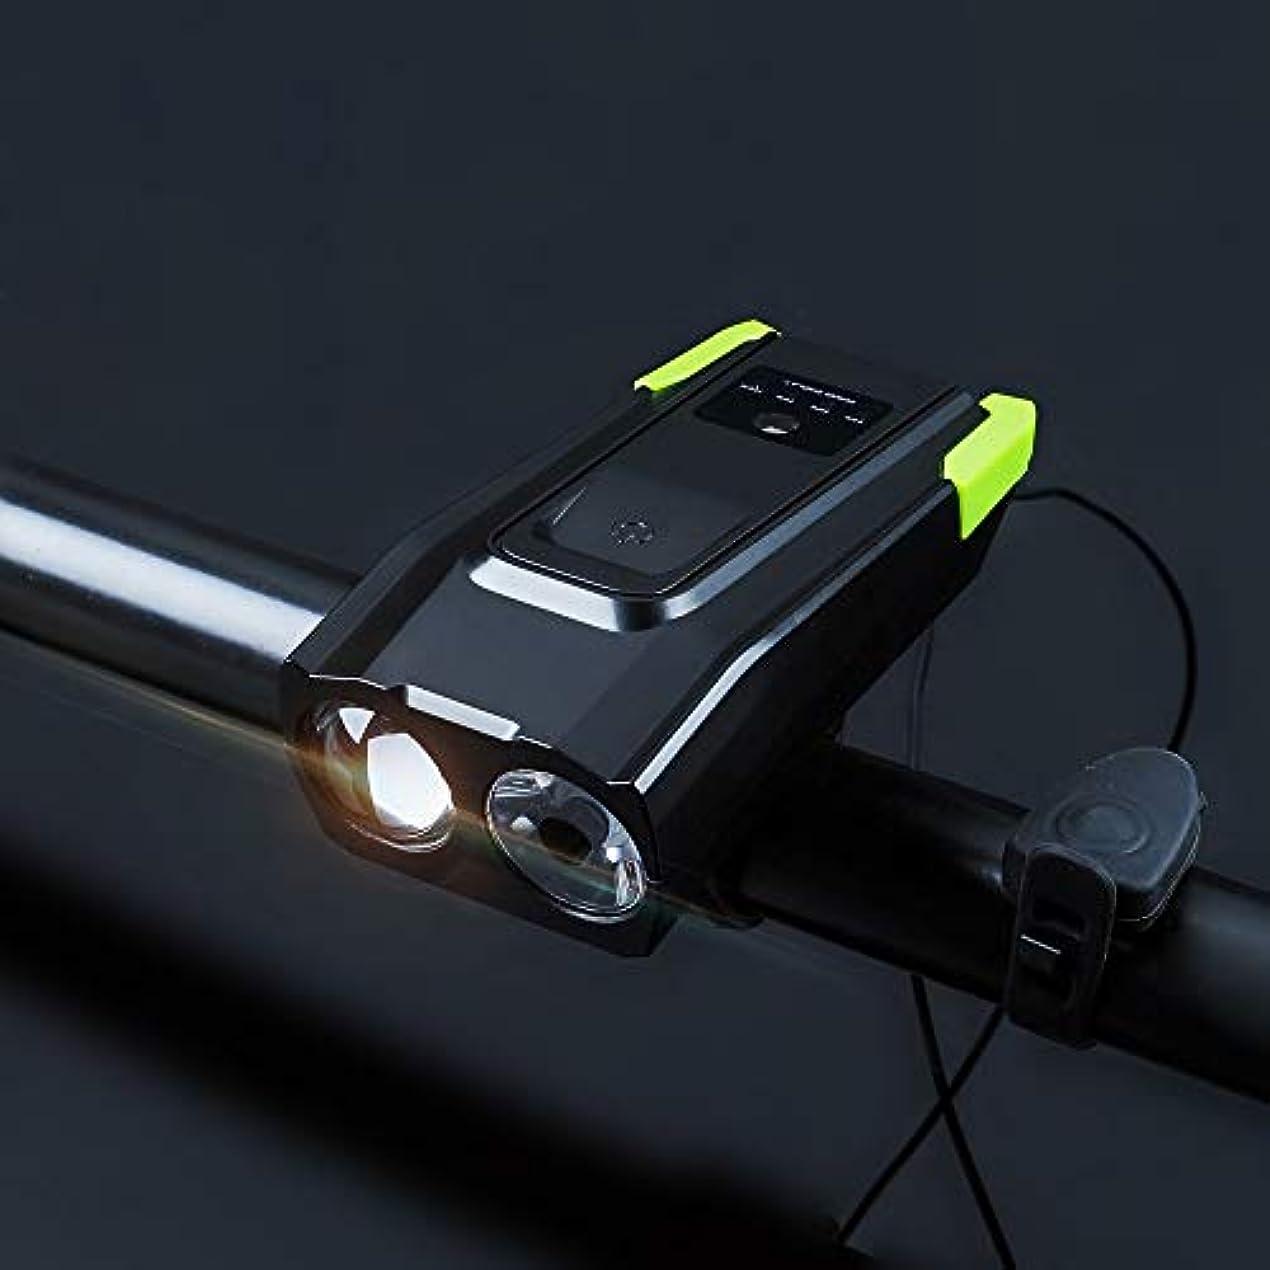 理解自殺毎月Craga 自転車用ライト自転車用テールライトスーパーブライト(800ルーメン)充電式自転車用ライトセット(ローバッテリーインジケーター付き)4000mAhリチウムバッテリー防水すべての自転車に適しています取り付けが簡単でクイックリリース(USBケーブルを含む) Professional after sales(売り上げ後の専門家) (Color : Green)